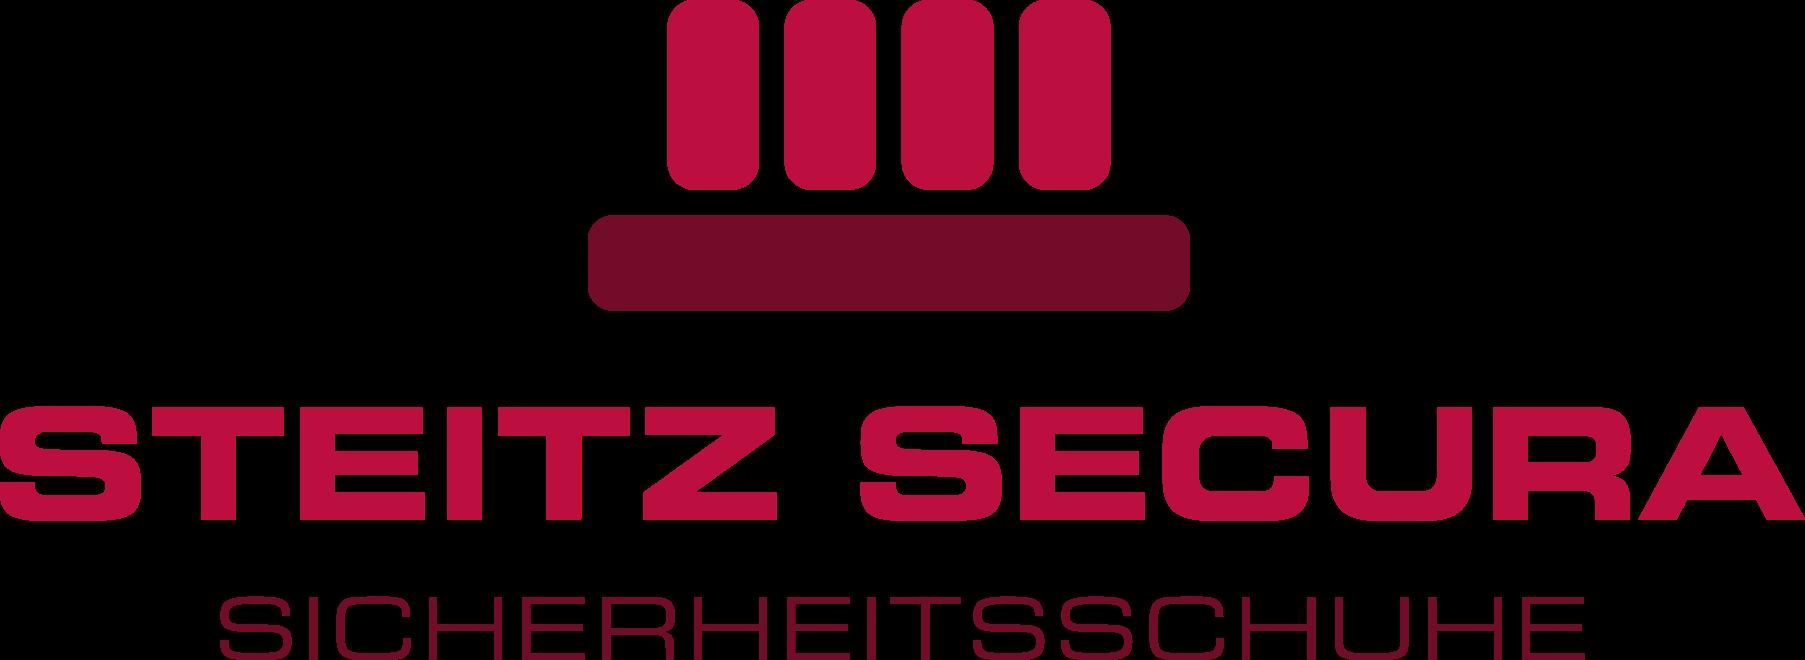 Steitz Secura bei BWL Osnabrück online kaufen